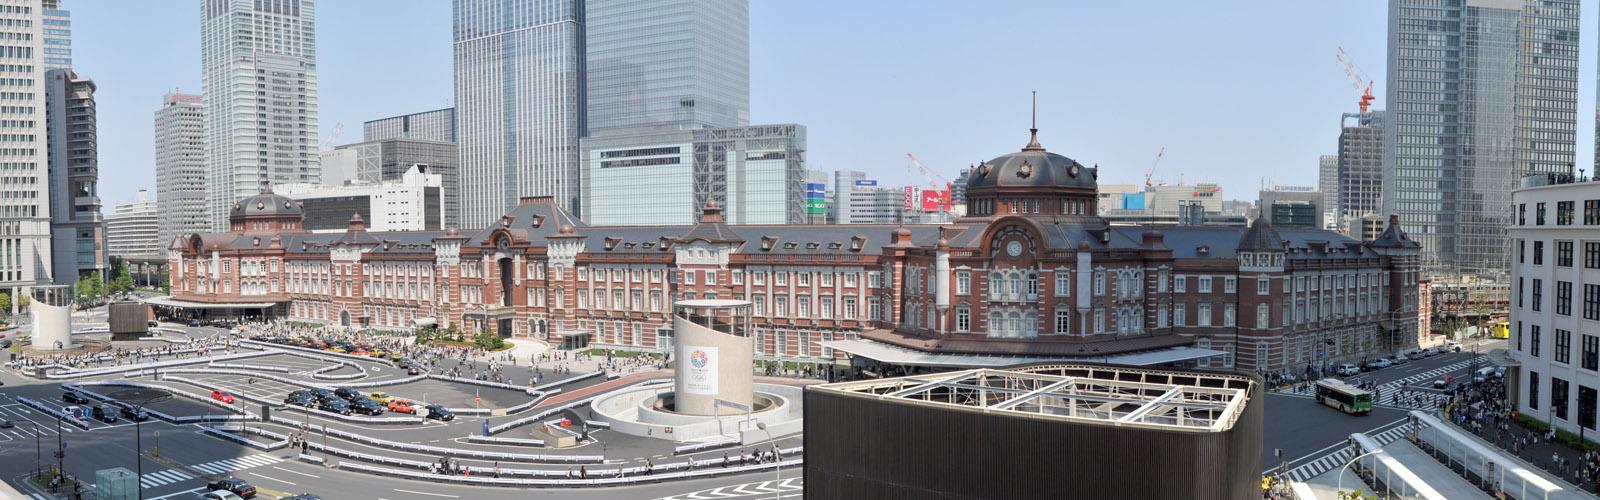 パノラマ:2013年の東京駅